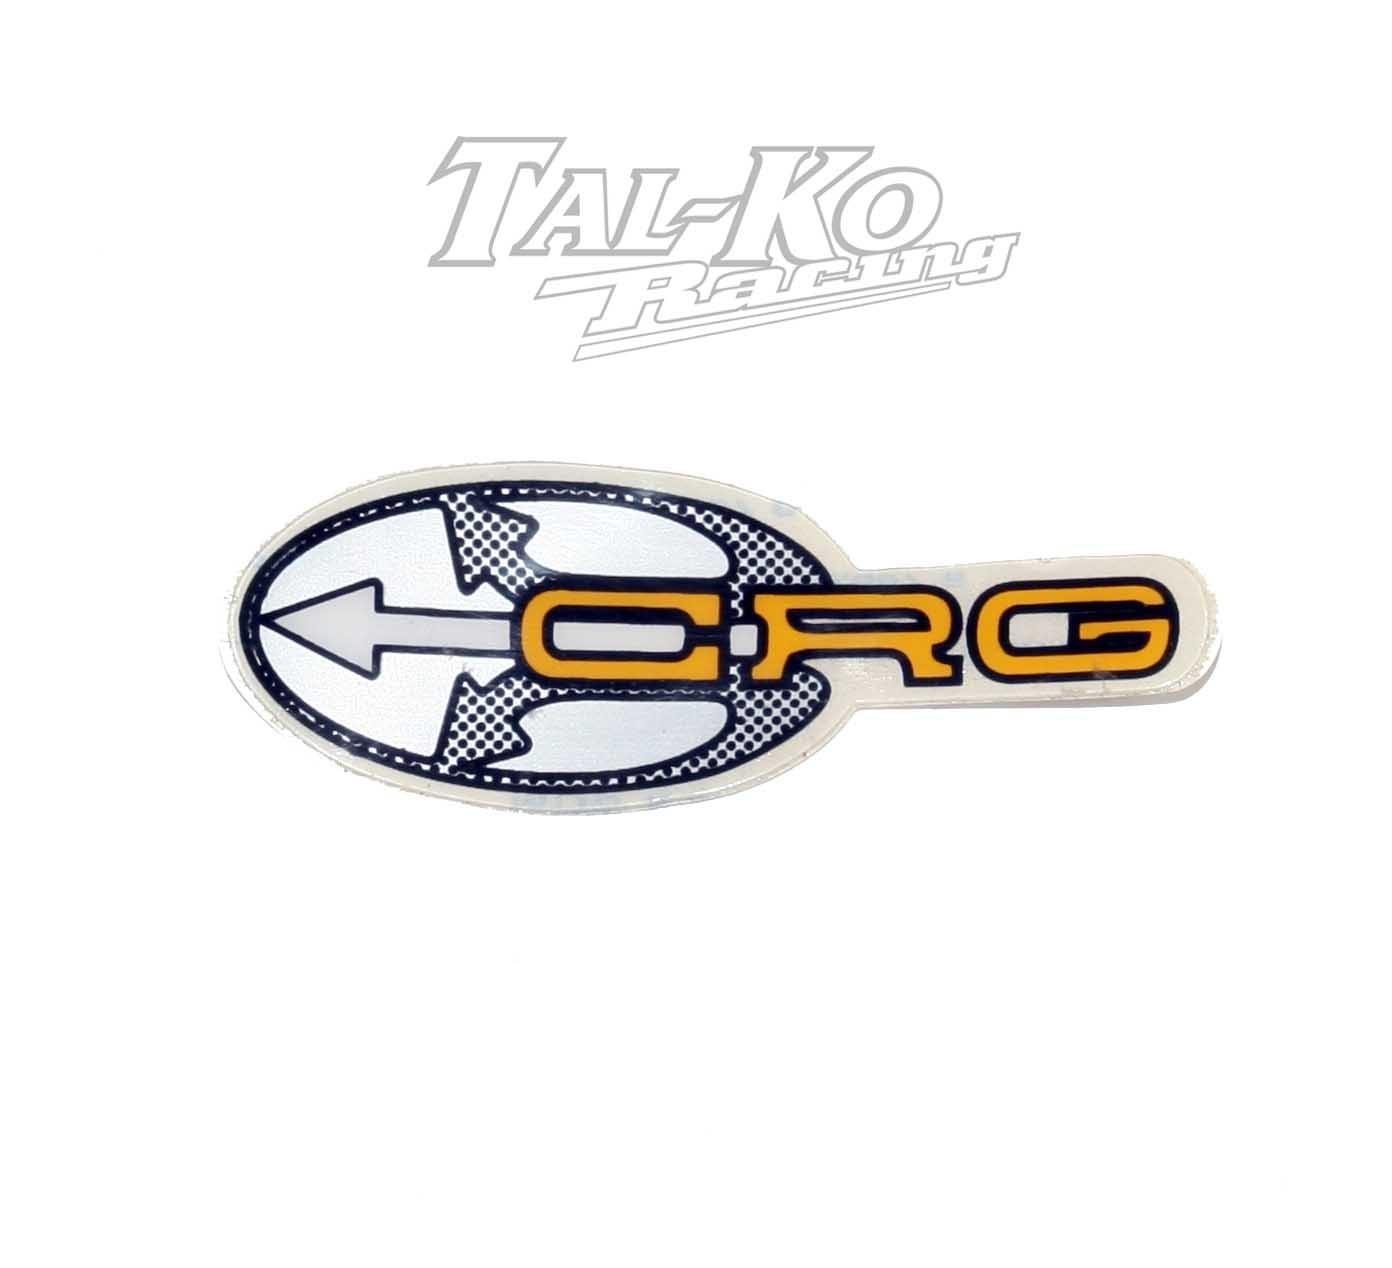 CRG STICKER DECAL ARROW 75 x 28